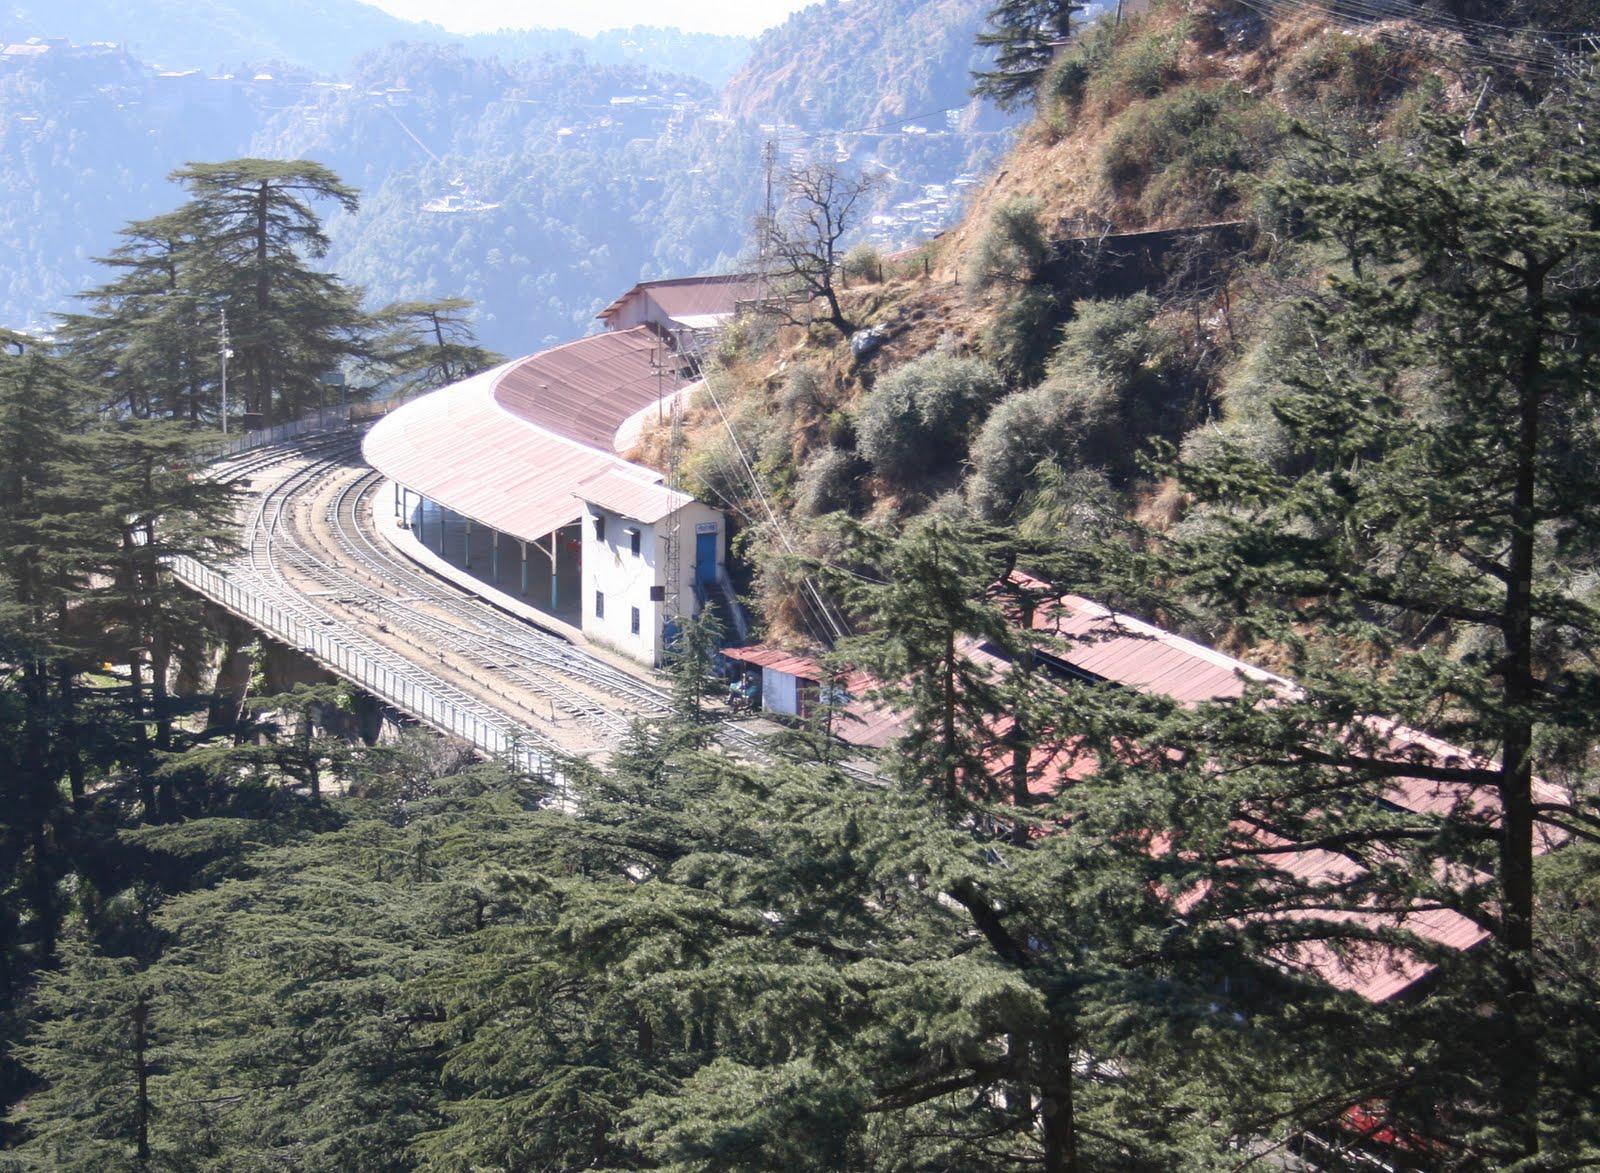 http://2.bp.blogspot.com/-R9zZOUVKe_s/TbEiSaieaPI/AAAAAAAAAcs/4Nt17L5G6kQ/s1600/Shimla_Railway_Station.JPG